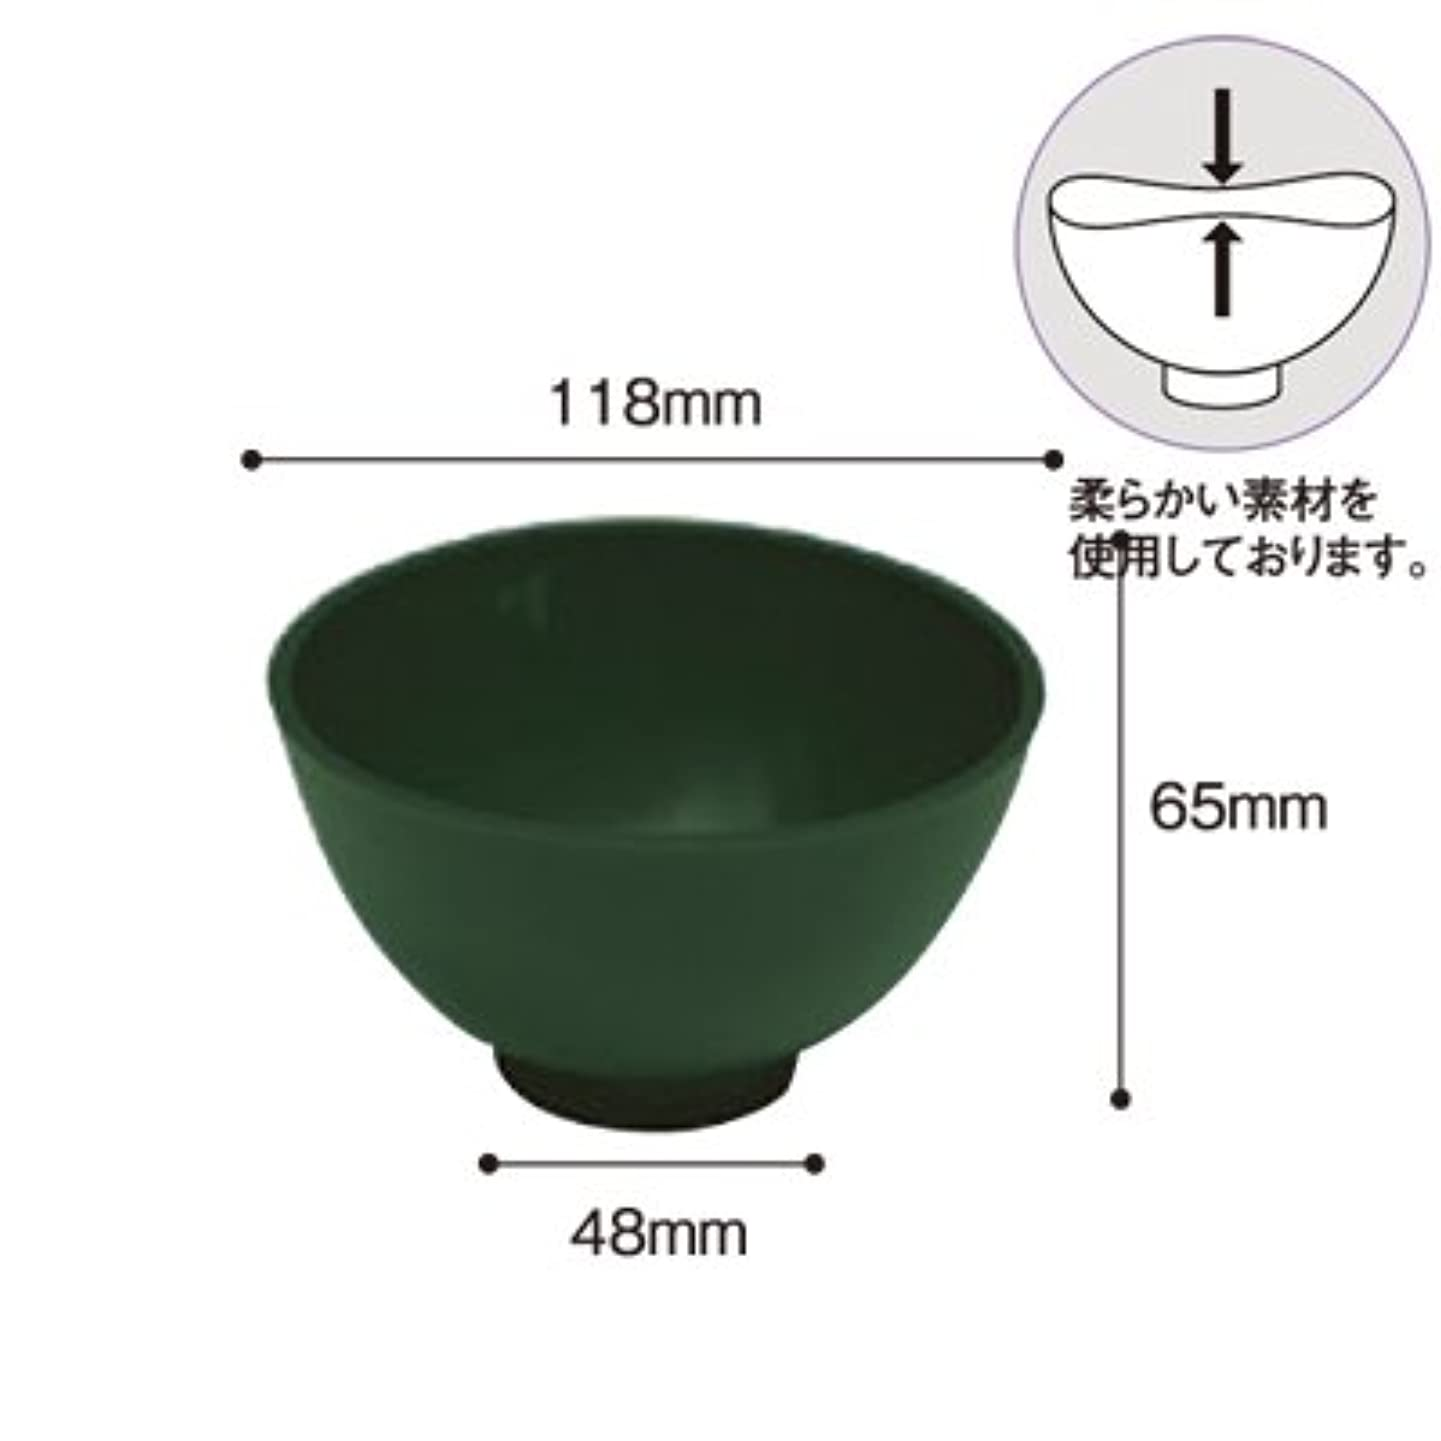 チャペルボーカルいろいろ(ロータス)LOTUS ラバーボウル エステ サロン 割れない カップ 歯科 Mサイズ (直径:127mm)グリーン